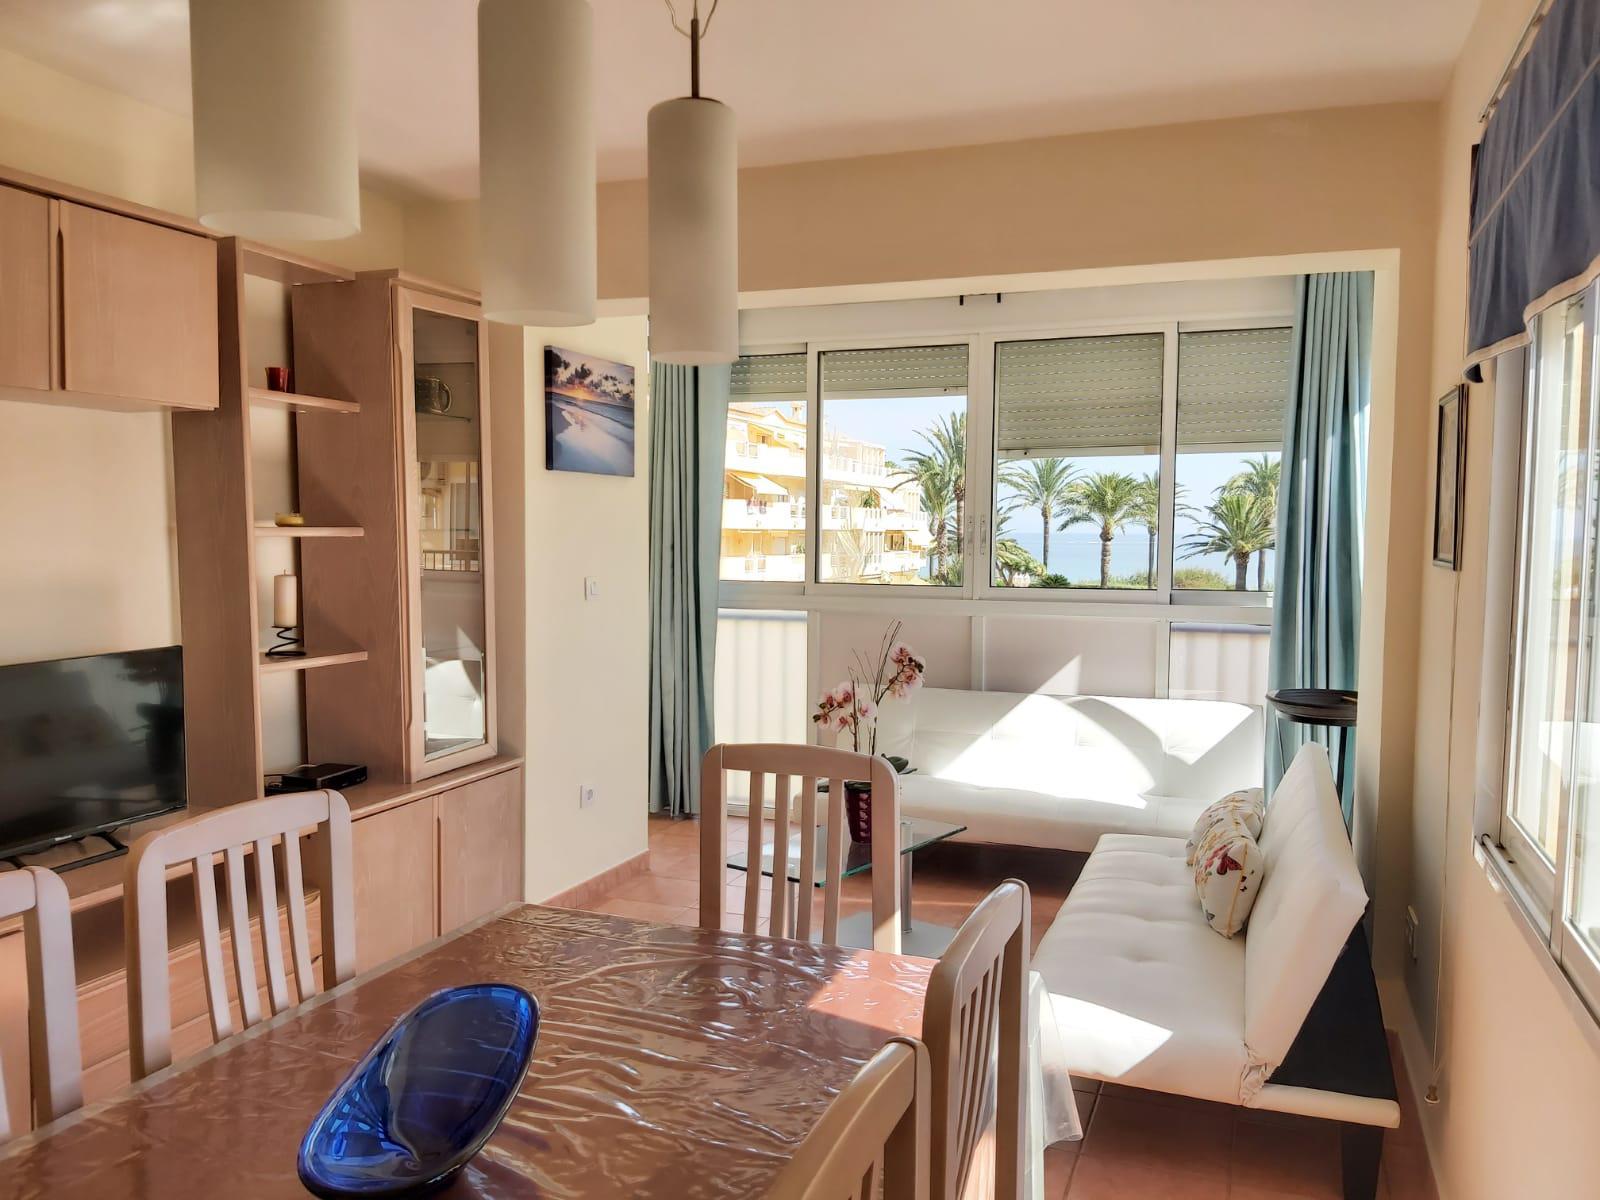 Apartamento -                                       Denia -                                       2 dormitorios -                                       4 ocupantes